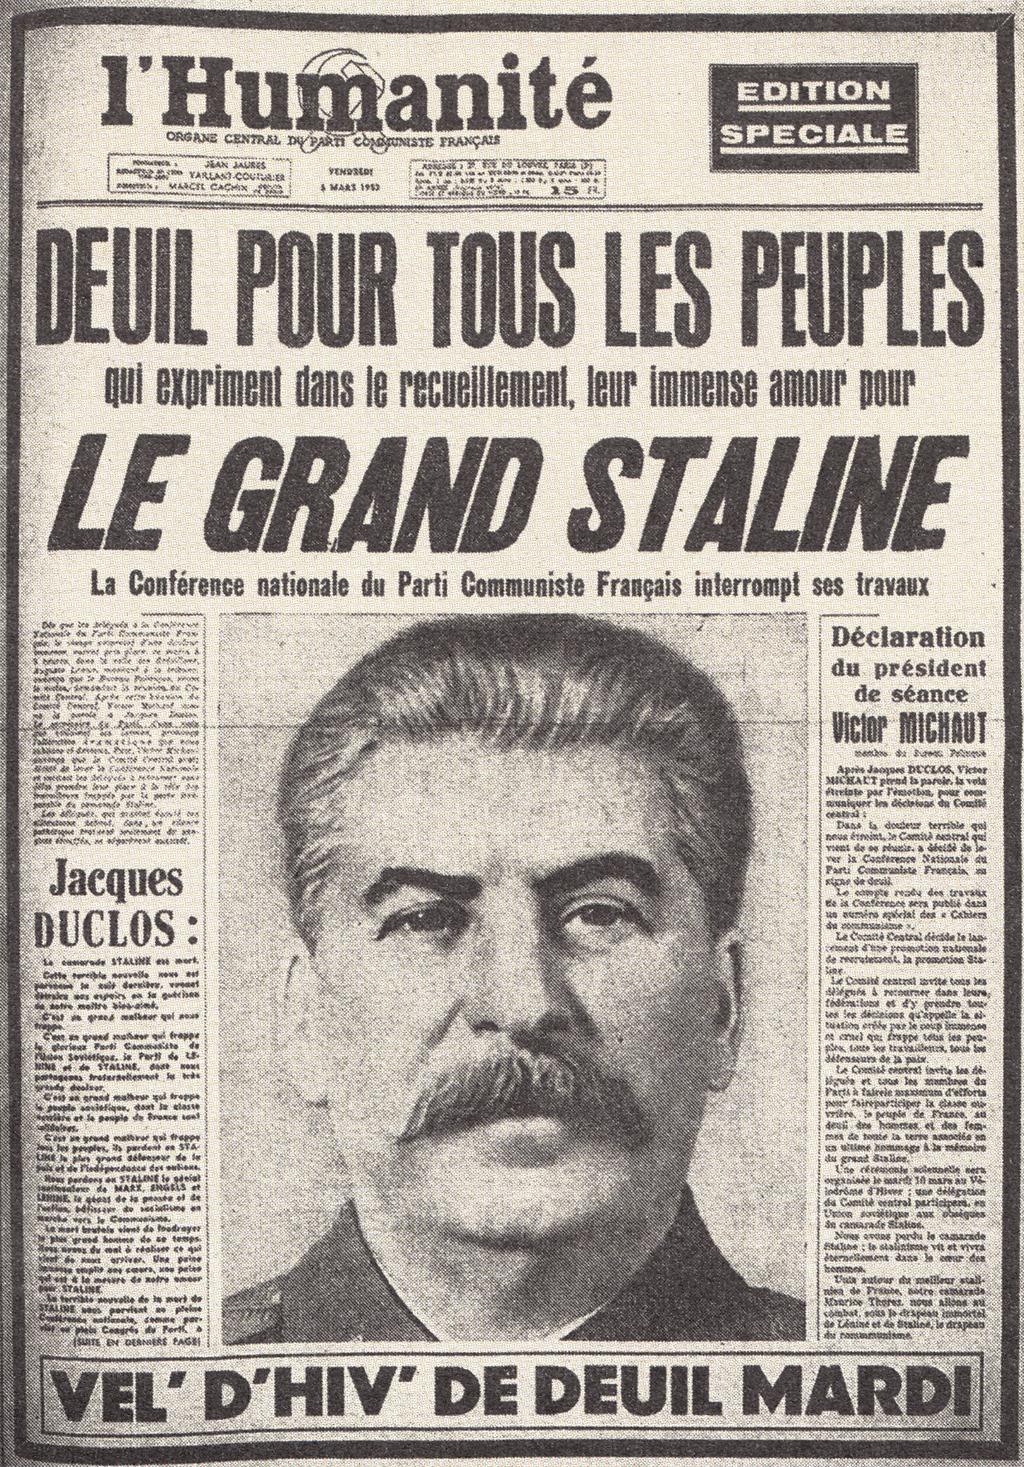 Staline-Huma